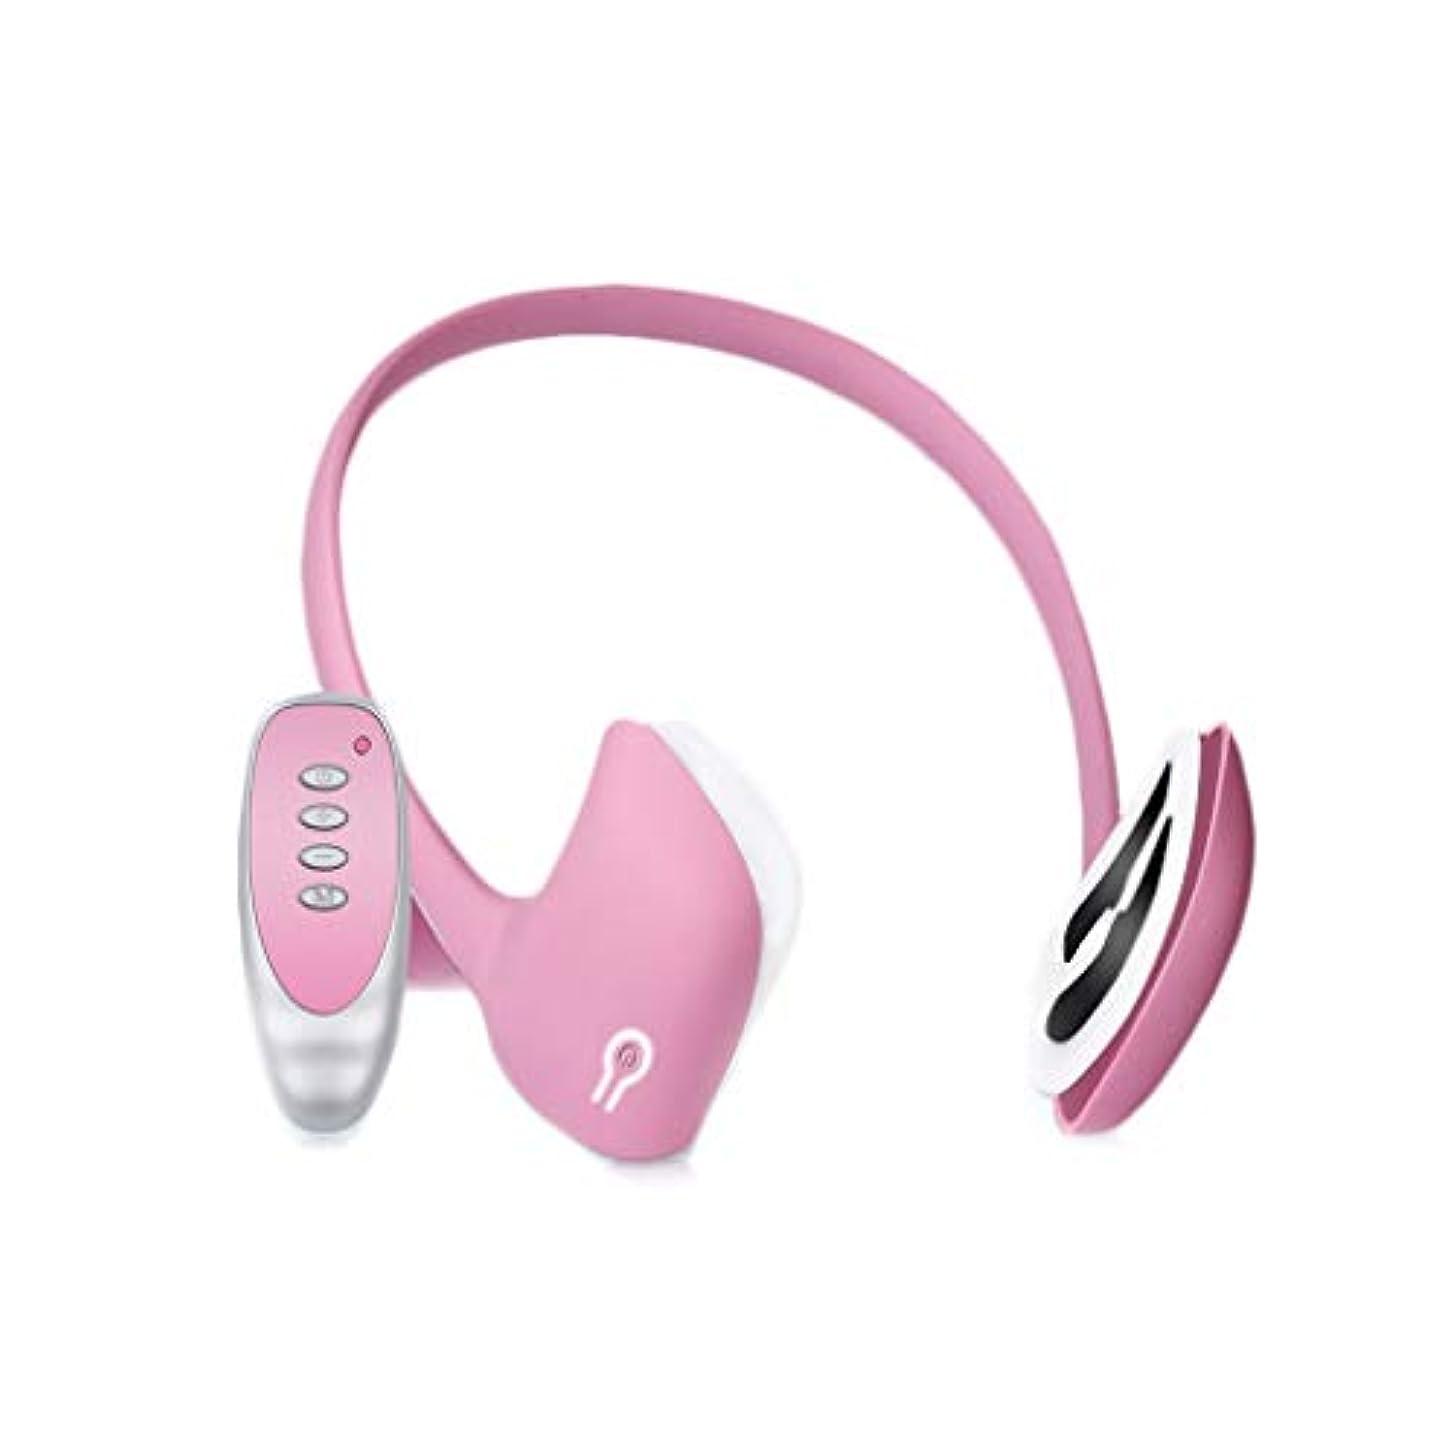 焼く中メンダシティXHLMRMJ フェイスリフティング器具、電動ツールマッサージャー、頬骨の薄い顔の引き締めの改善、フェイスブレース、多機能リフティング、男性と女性の両方に適しています (Color : Pink)